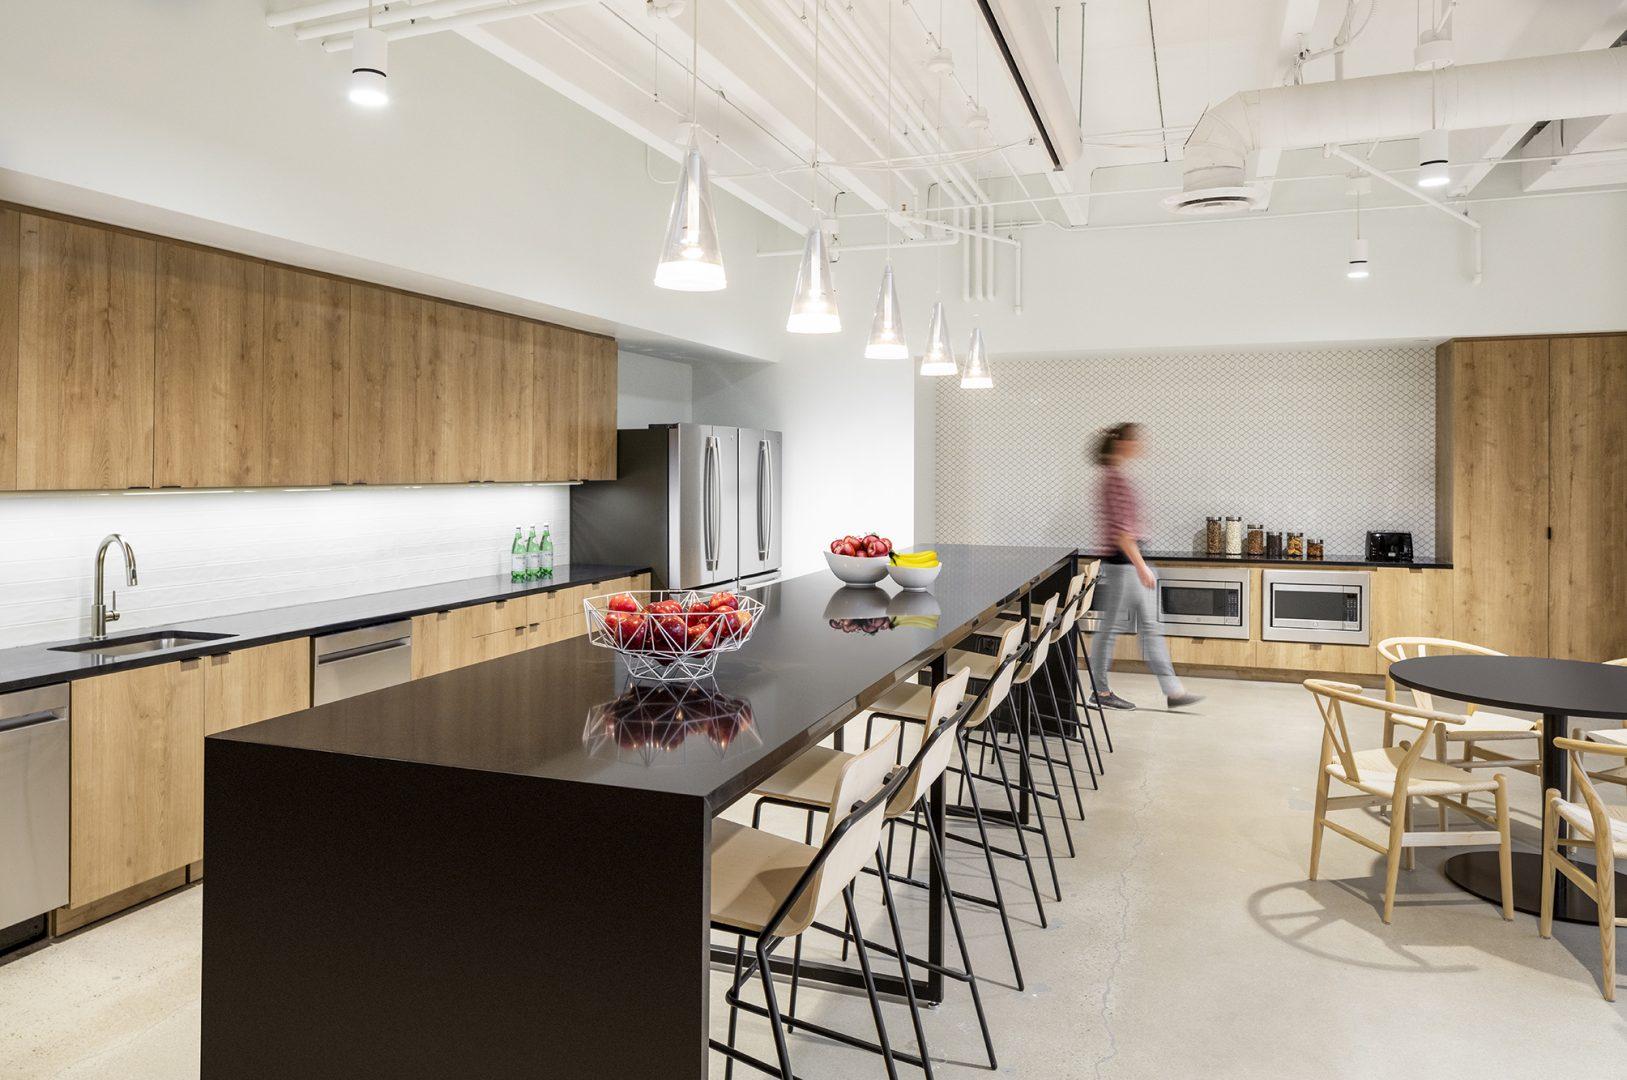 POINTSBET Corporate Interior Design Break Room Design